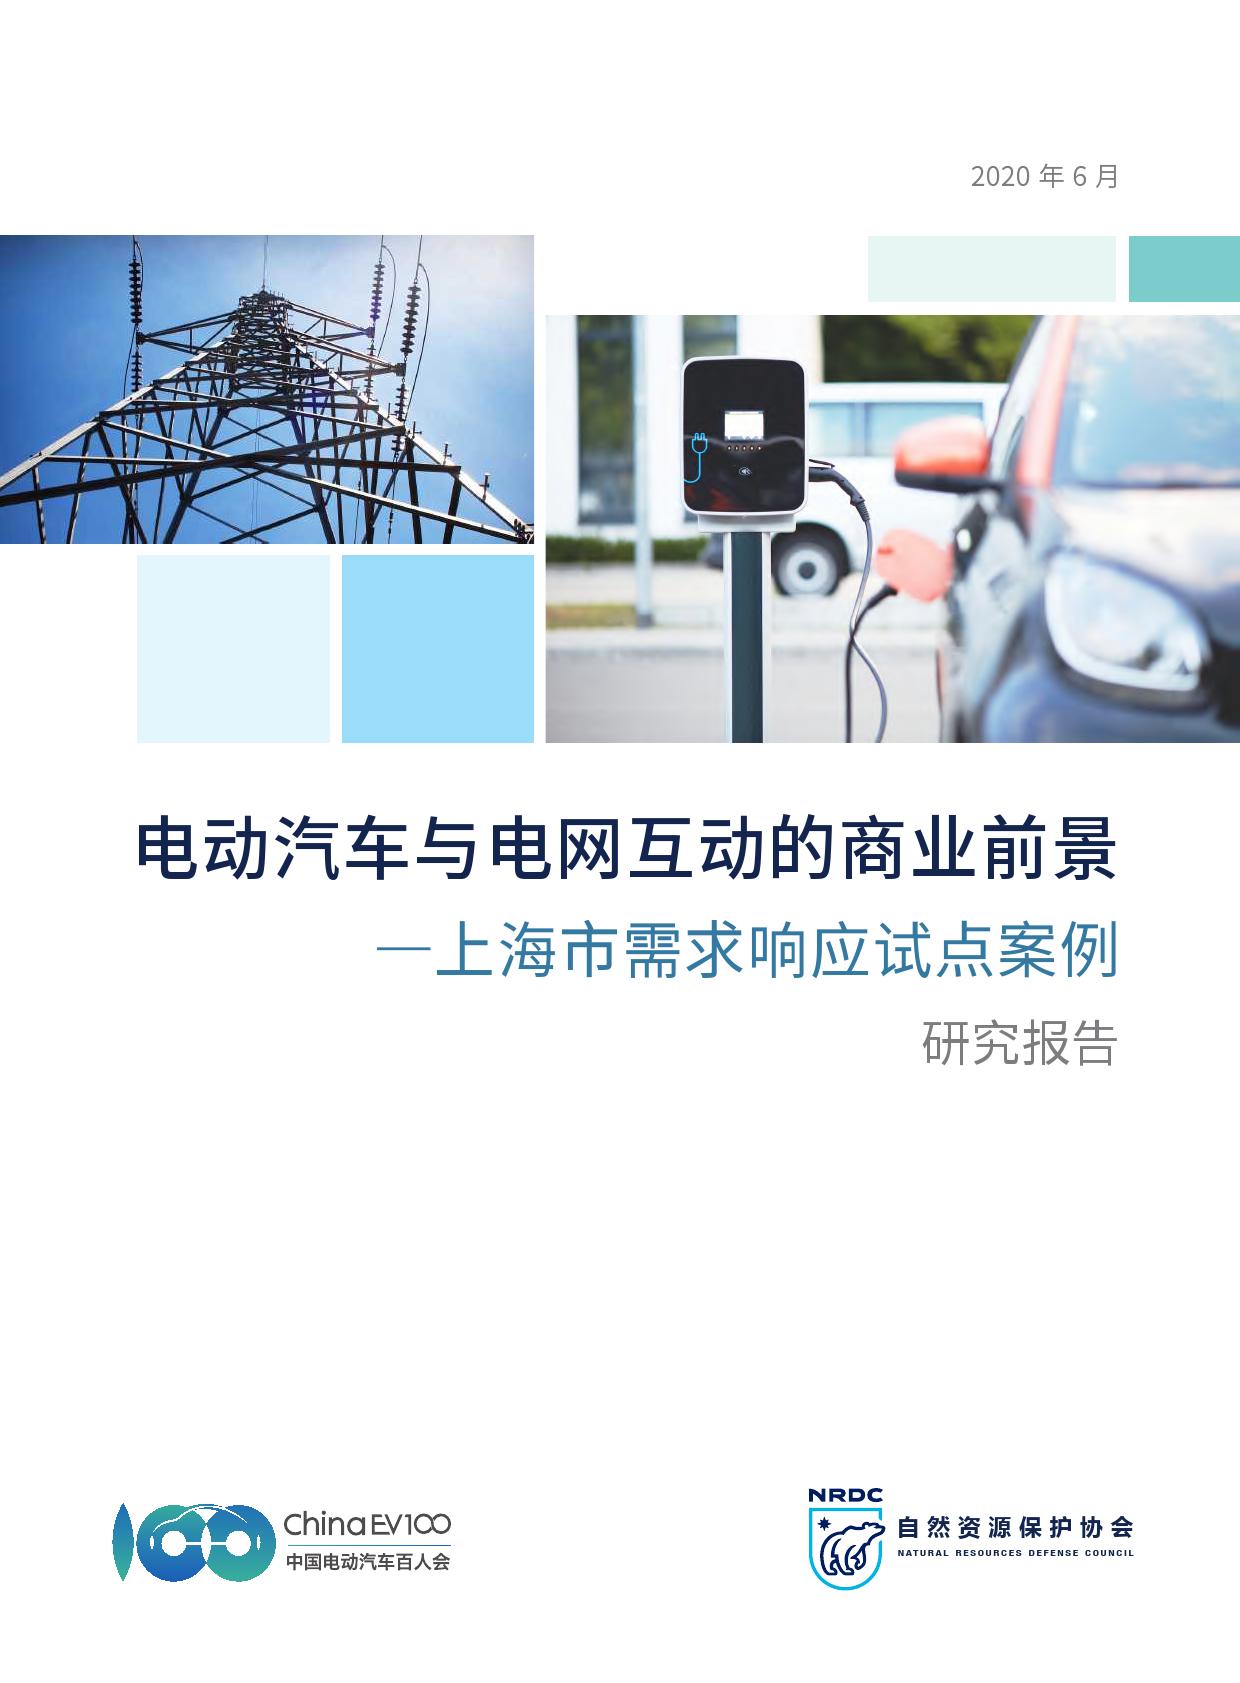 CinaEv100&NRDC:电动汽车与电网互动的商业前景研究报告(附下载)